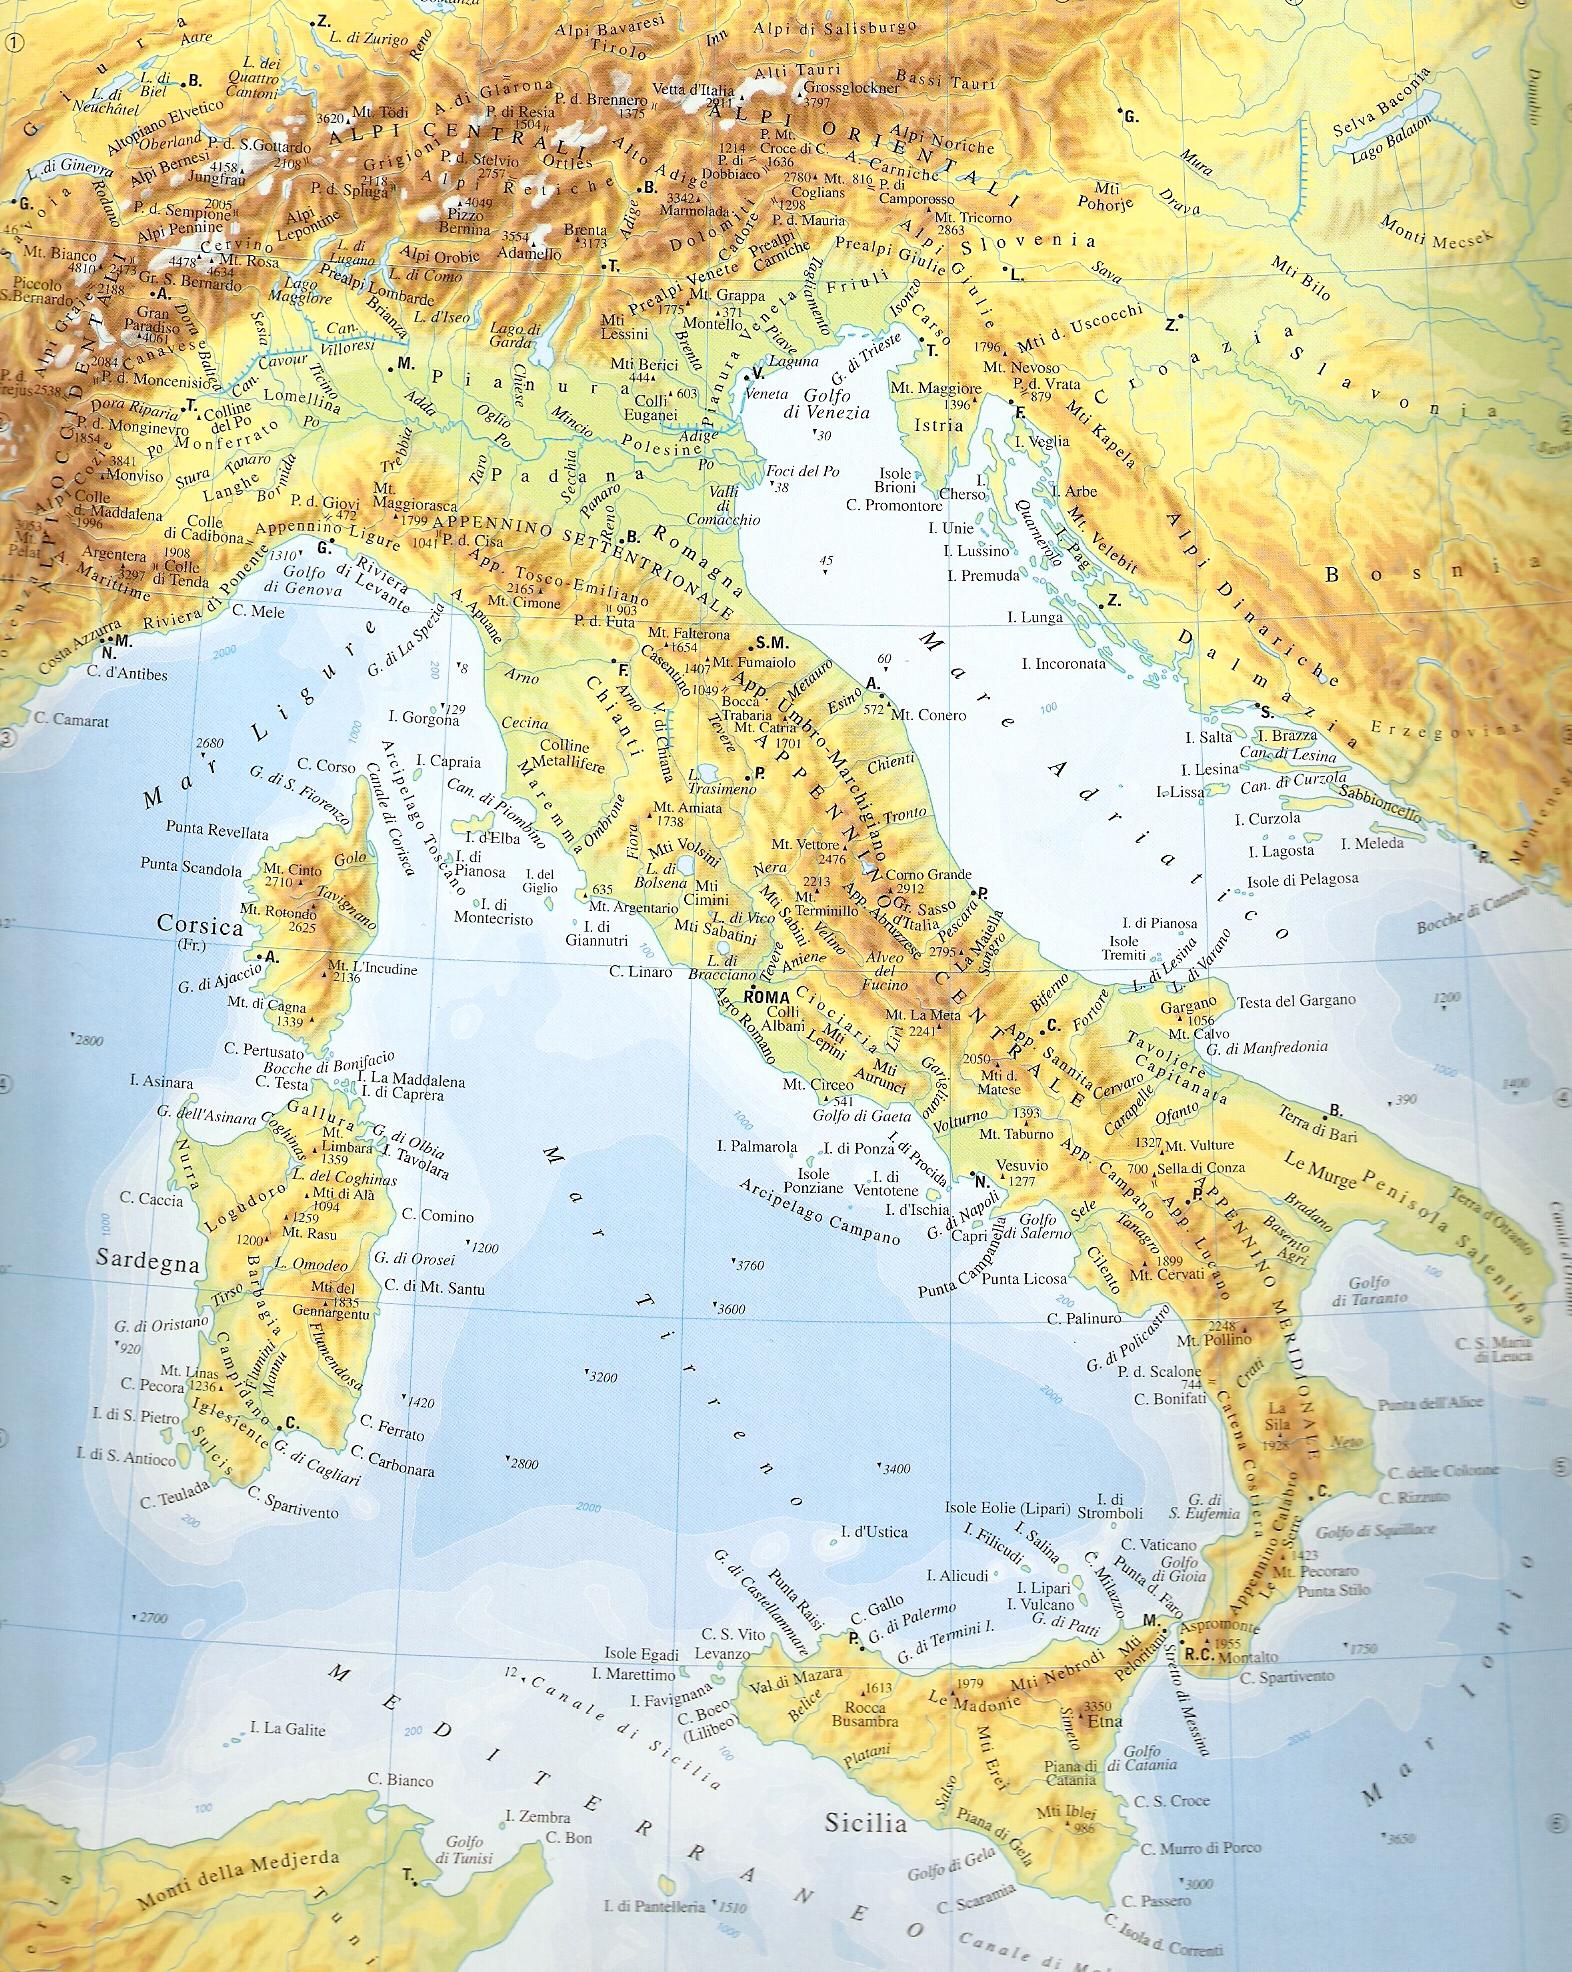 Scarica la cartina fisica dell'italia pronta da stare